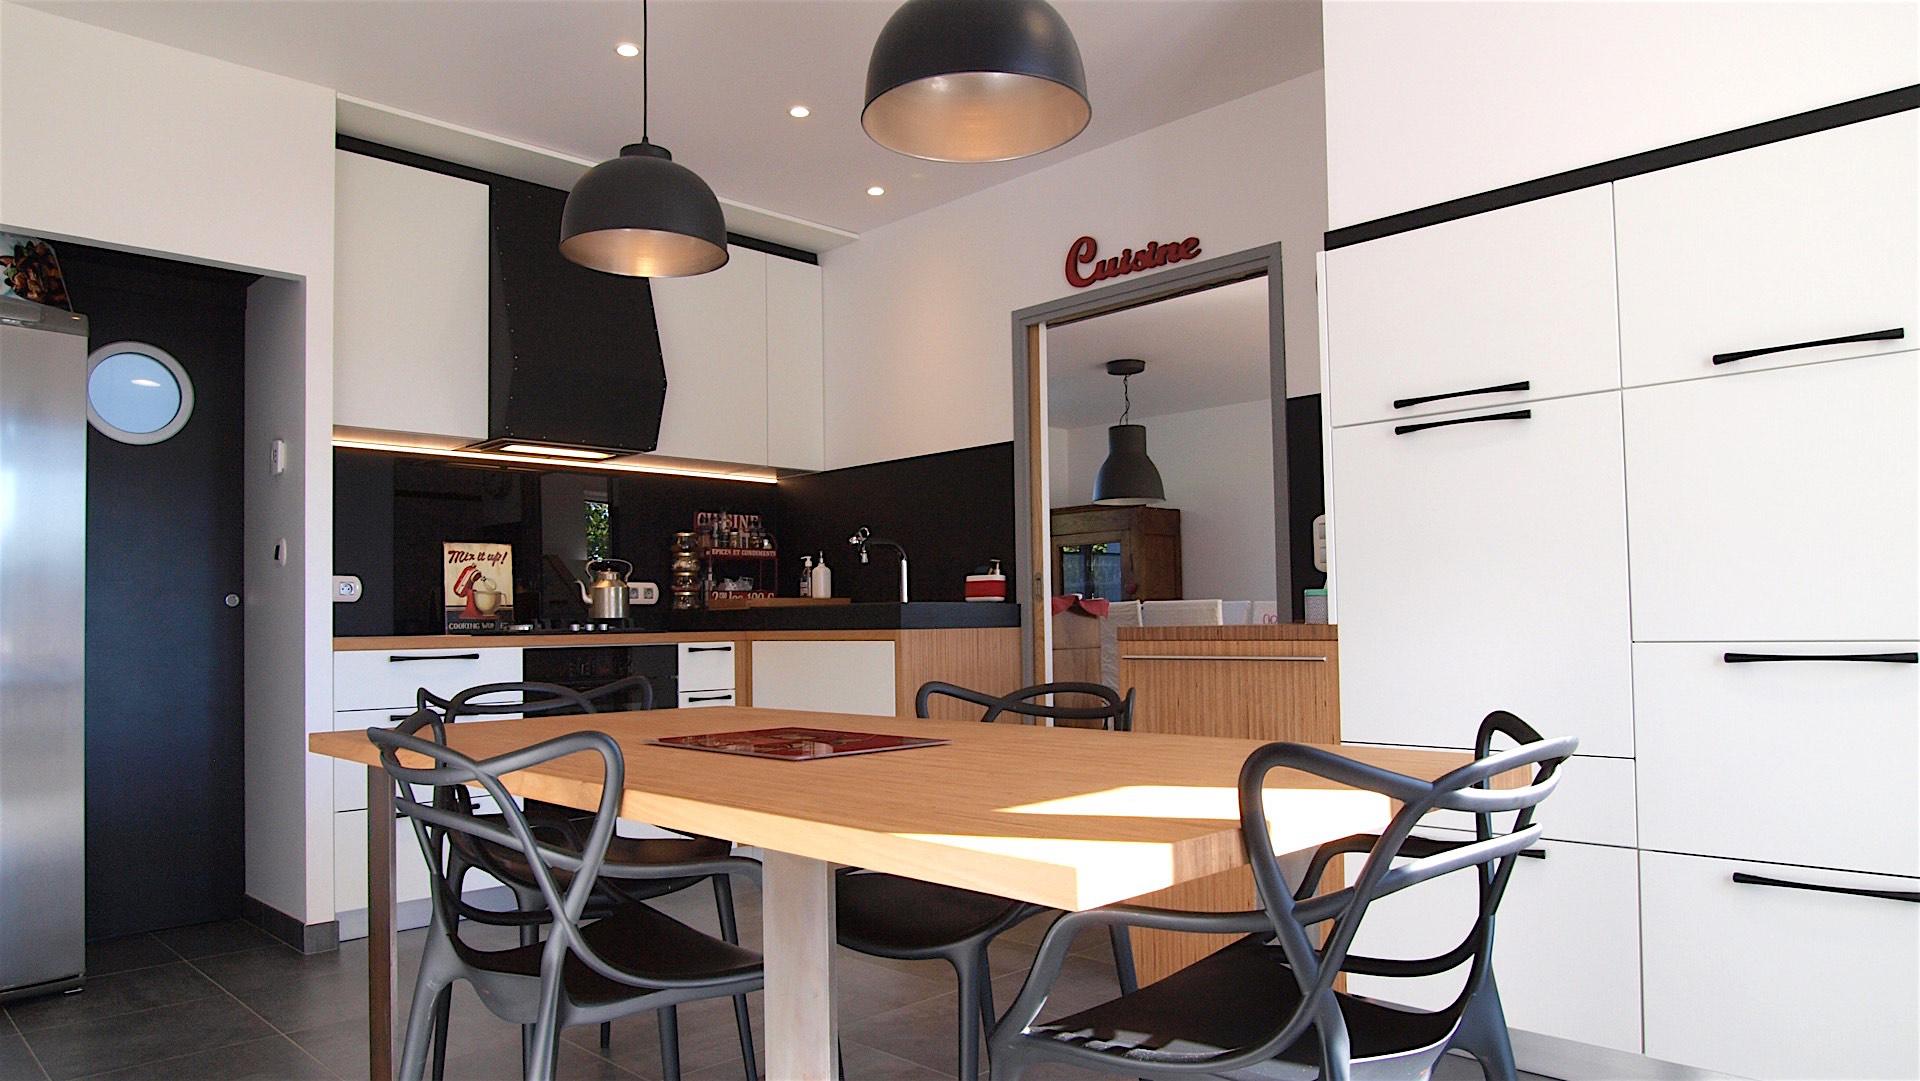 Cuisine Design à Quimperlé 29 par Le faiseur de Choses, Architecte d'intérieur UFDI : blanche et noire texturée, bois lamellé et chaises masters Kartell